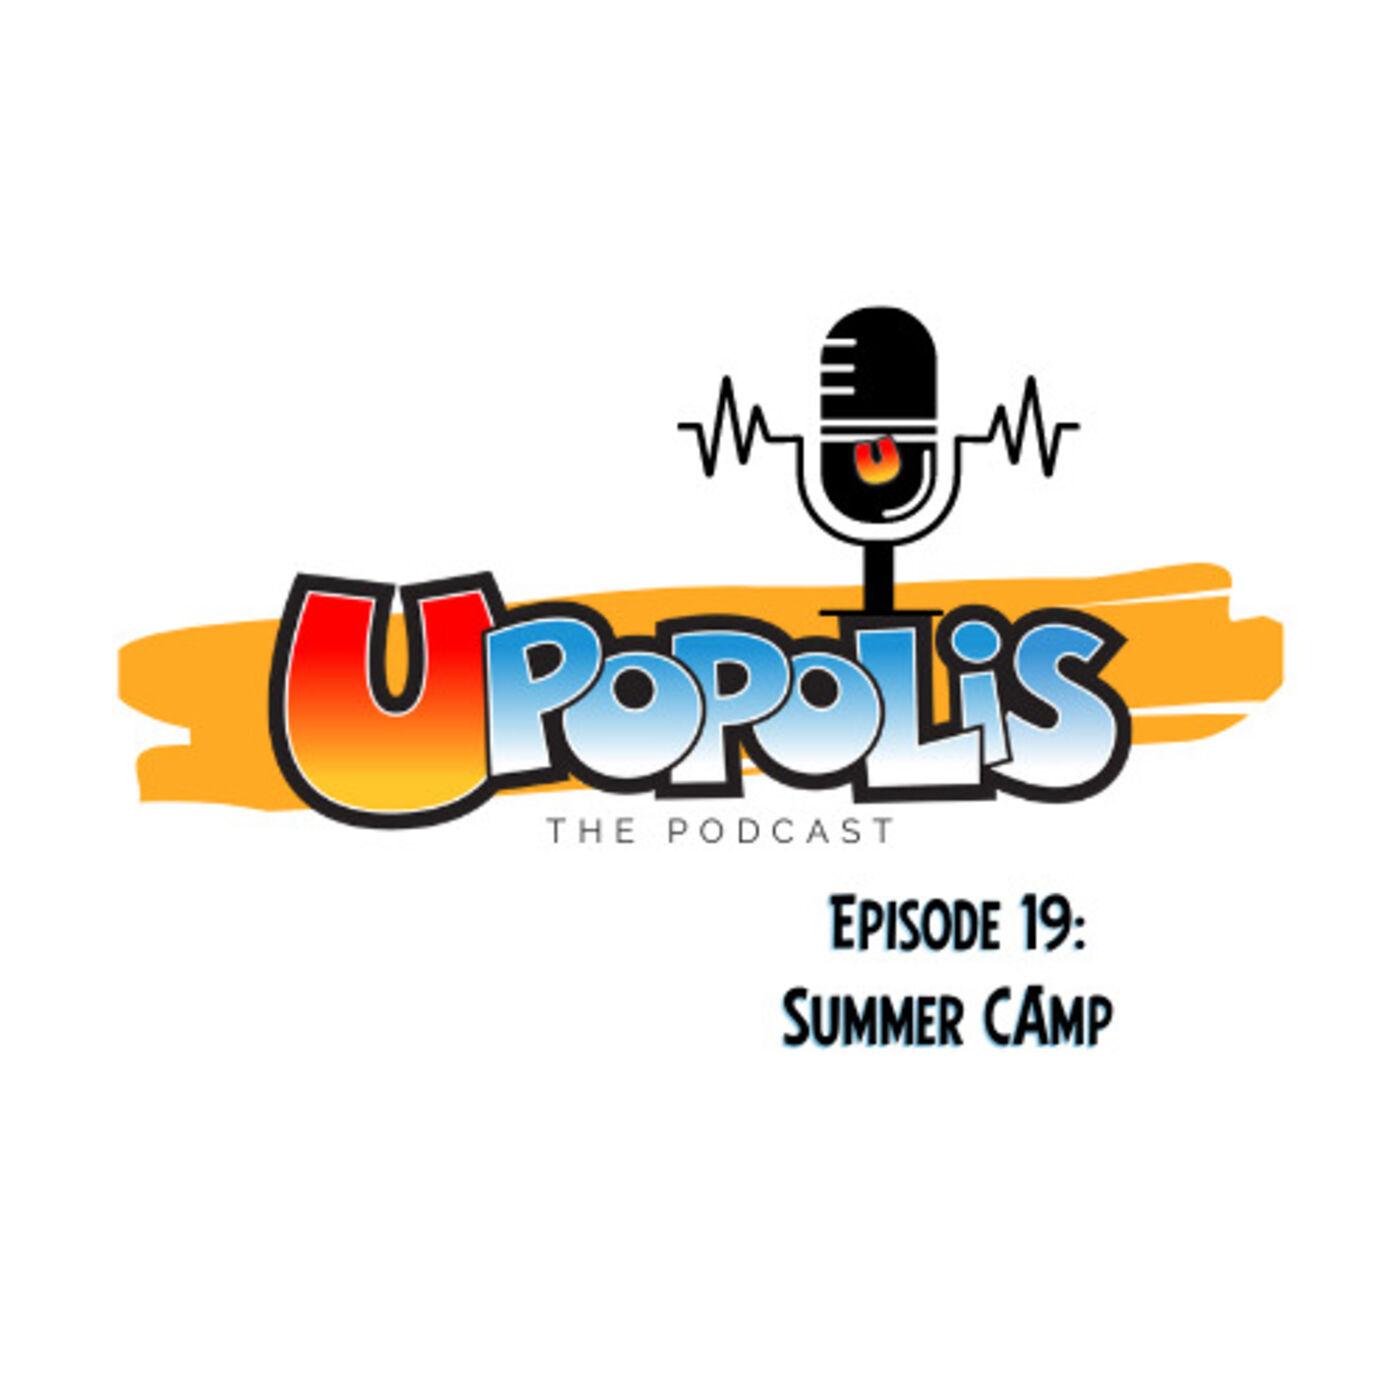 Episode 19: Summer Camp